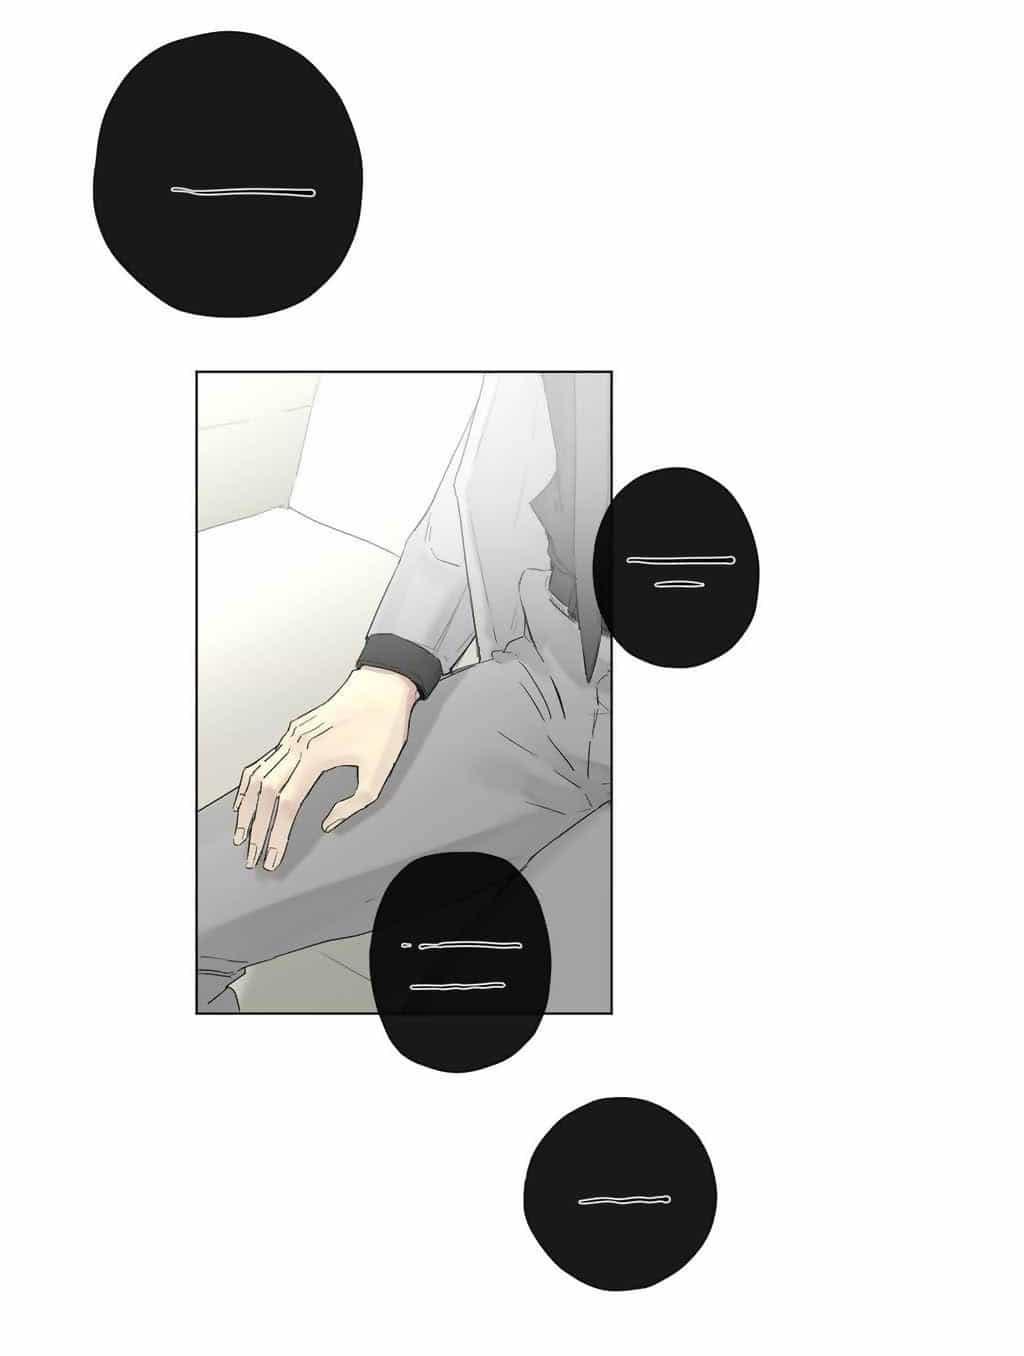 Trang 10 - Người hầu hoàng gia - Royal Servant - Chương 010 () - Truyện tranh Gay - Server HostedOnGoogleServerStaging